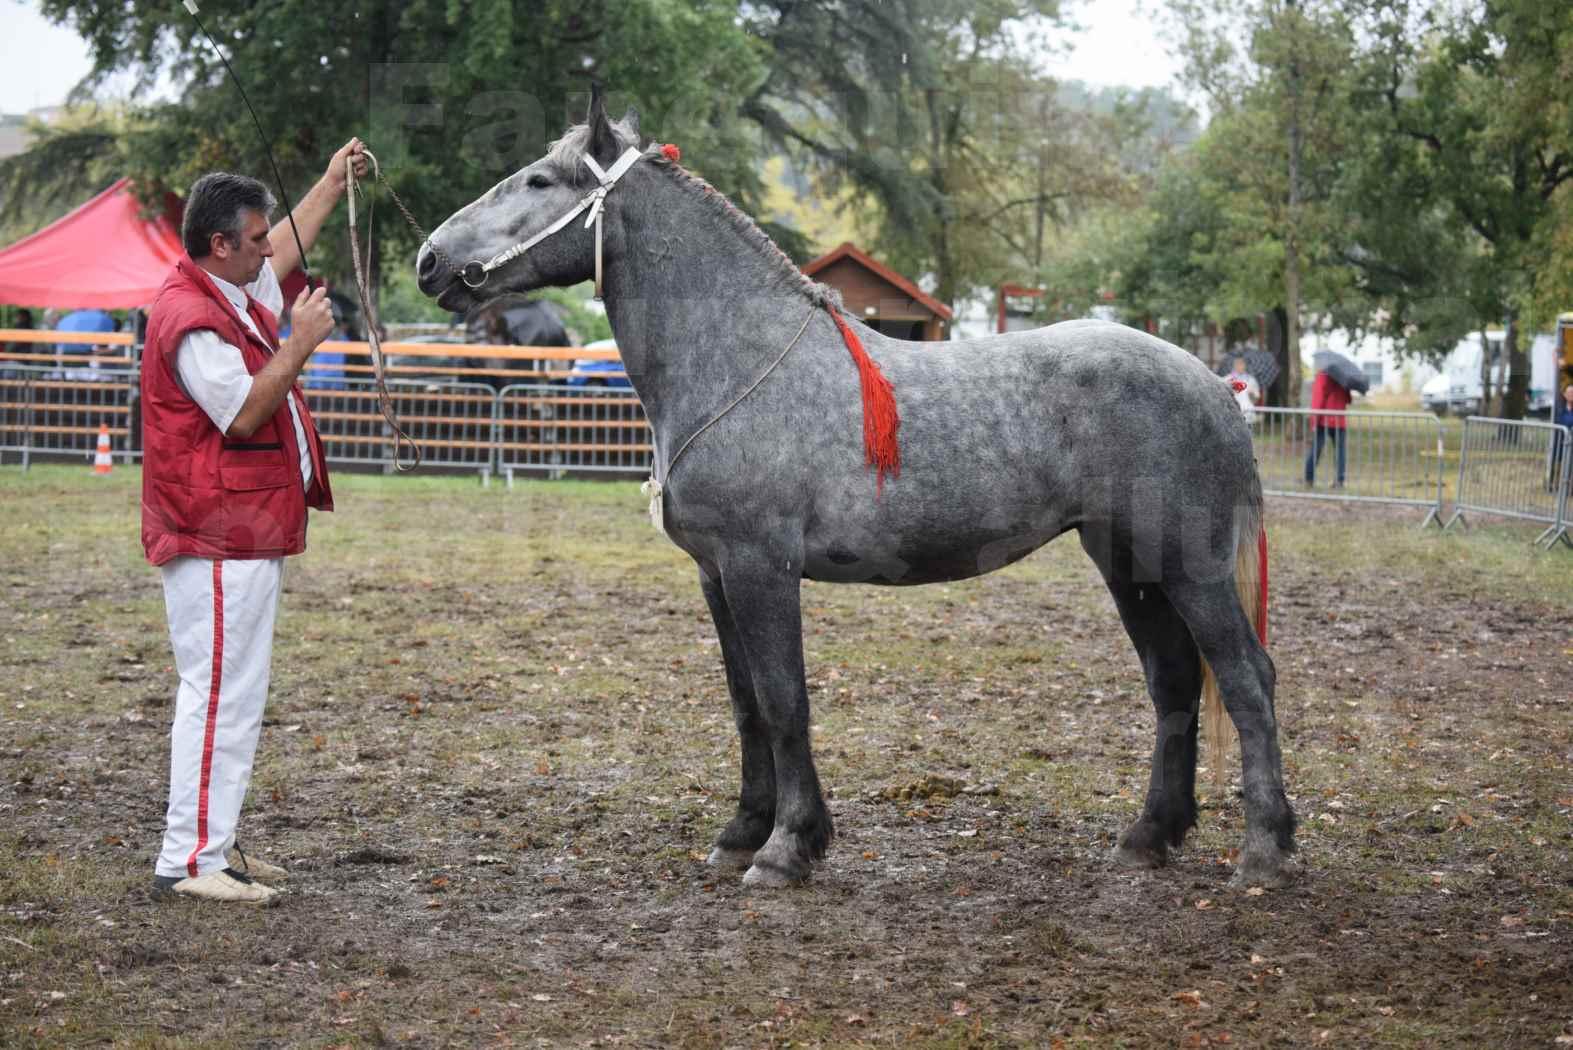 Concours Régional de chevaux de traits en 2017 - Pouliche Trait PERCHERON - FANY DES COUSTAUSSES - 5